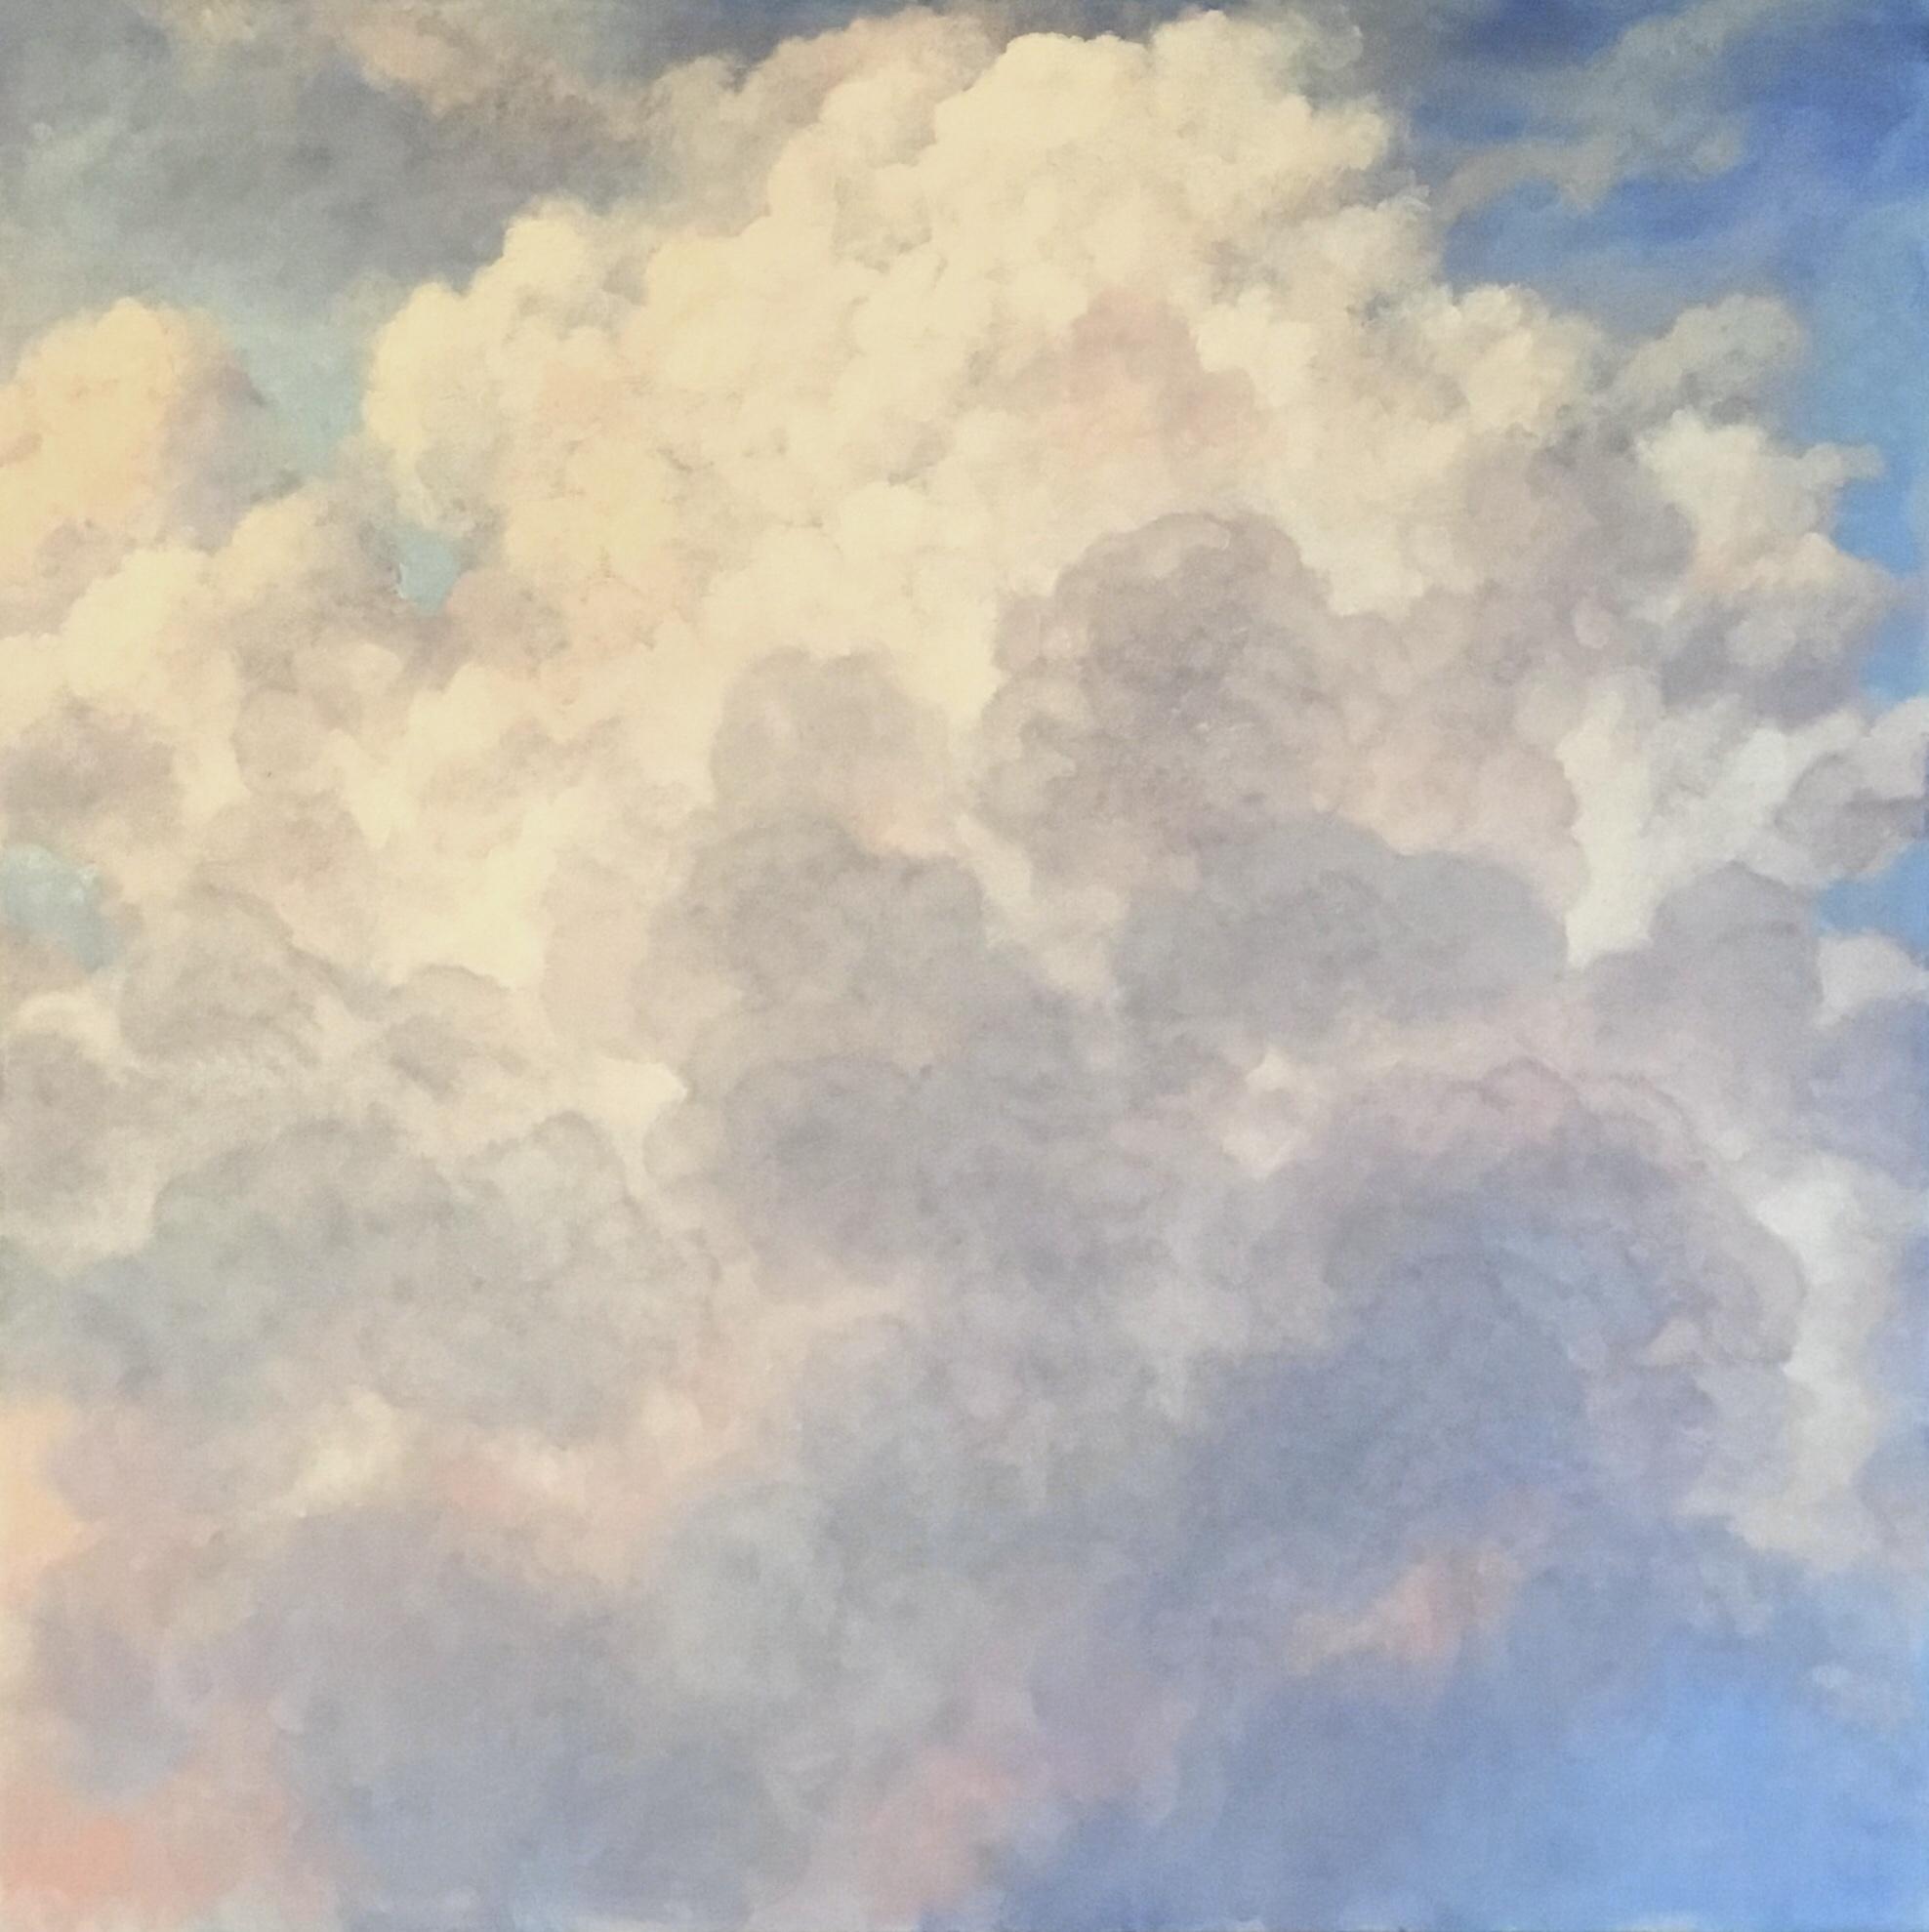 Spring Cloud 2020 - 2 by Richard Herman